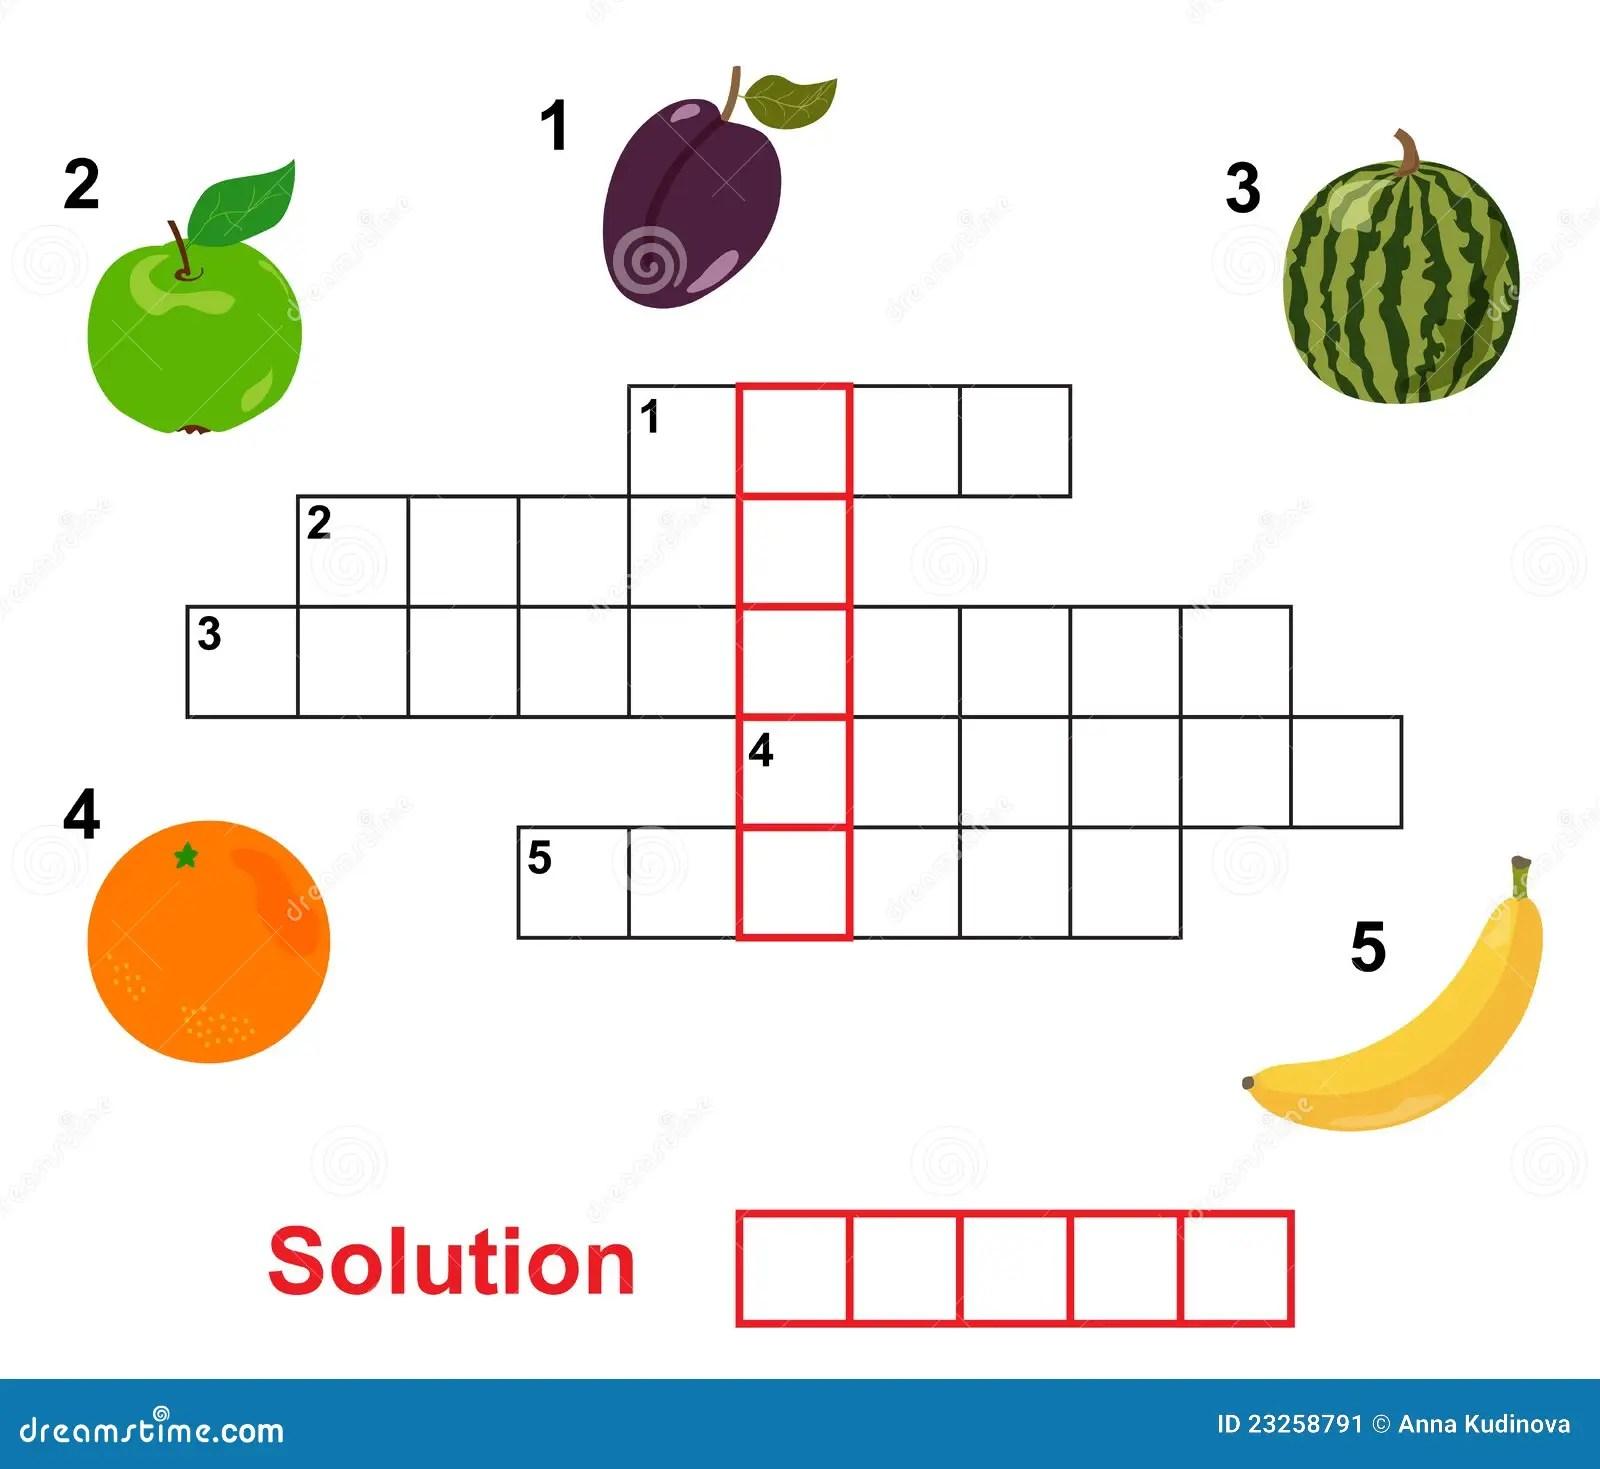 Juego De Frutas Para Nios Pcs Juego De Frutas Vegetales